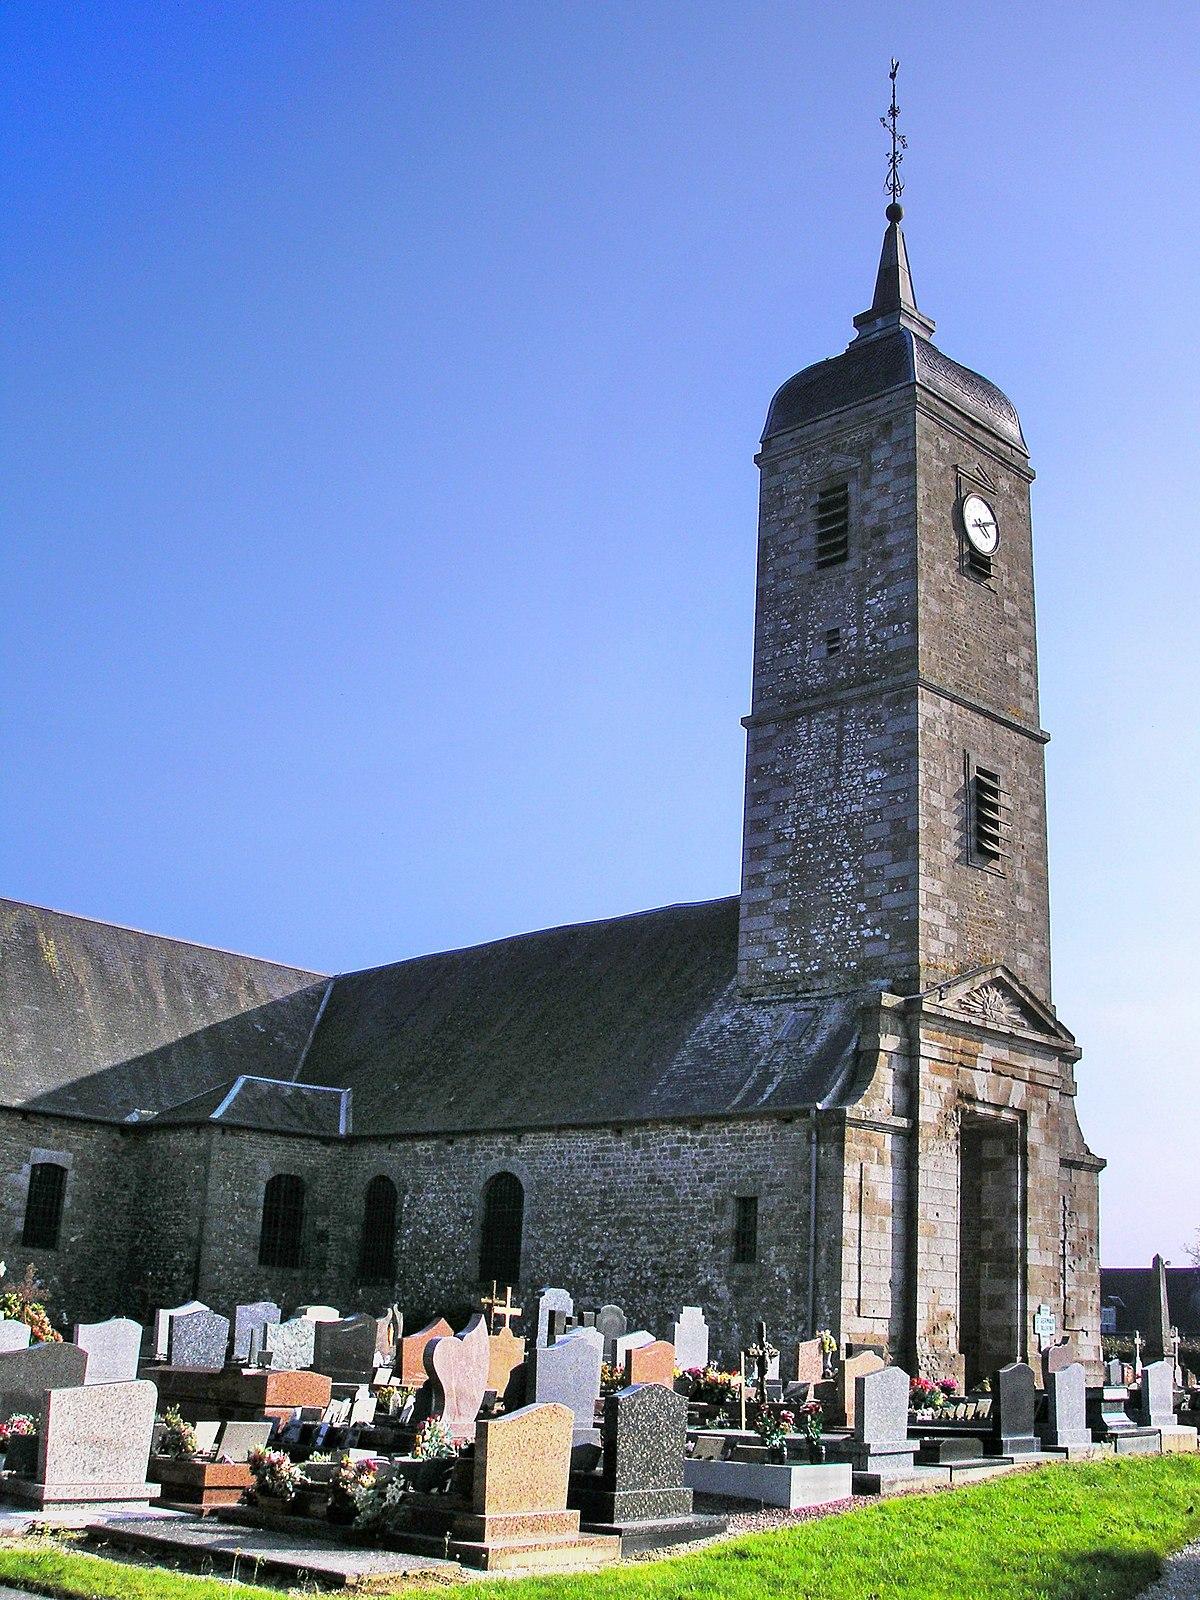 Saint germain de tallevende la lande vaumont wikipedia - La quincaillerie saint germain ...